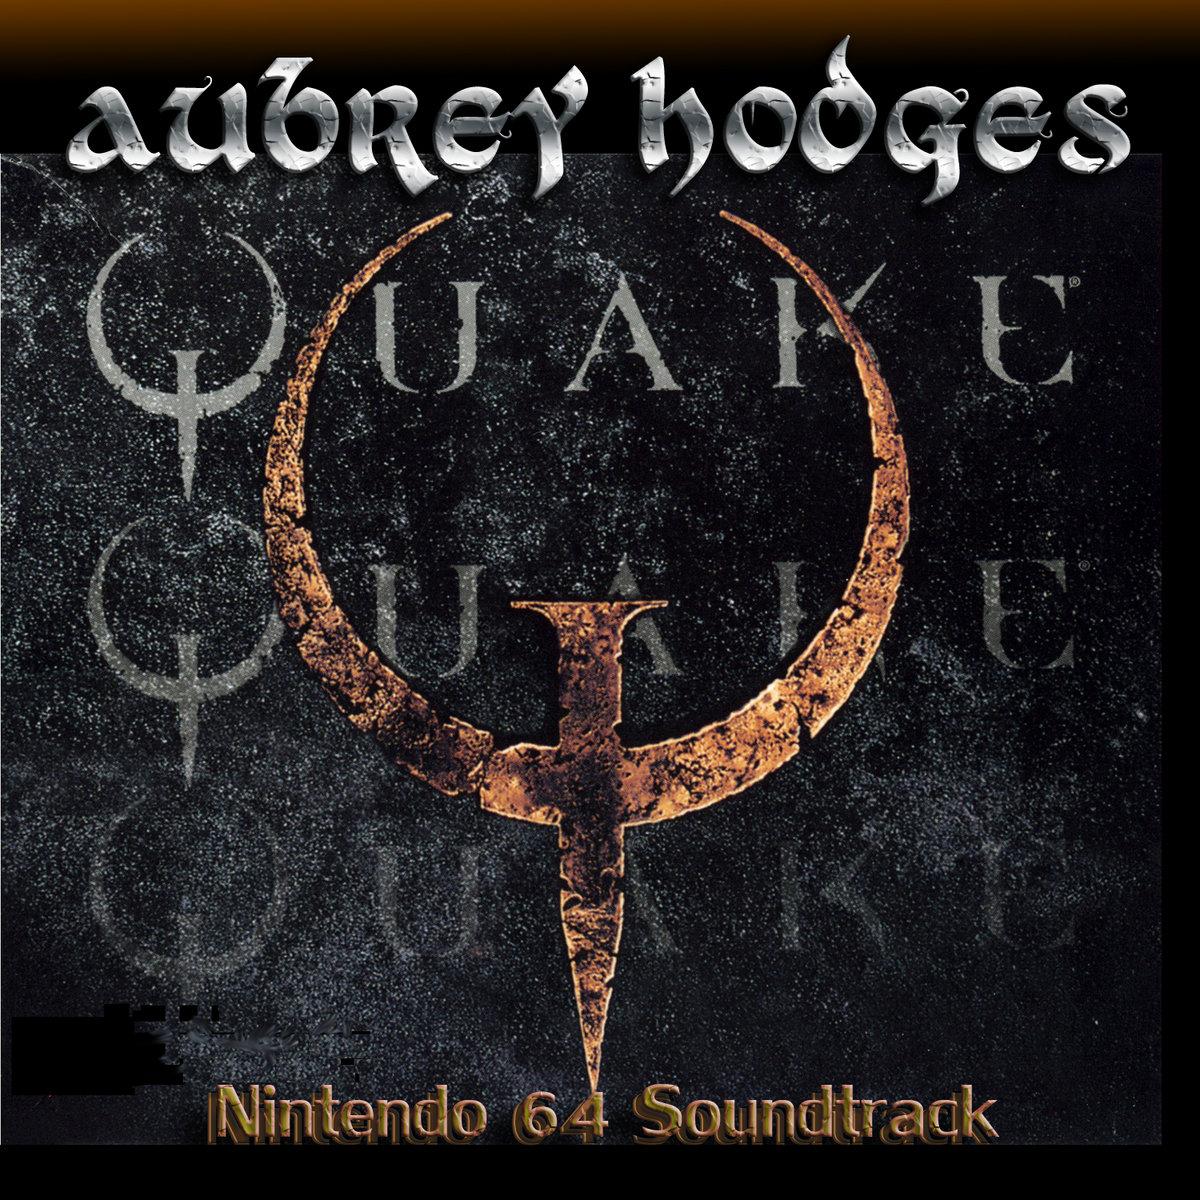 Quake - Nintendo 64: Official Soundtrack   Aubrey Hodges